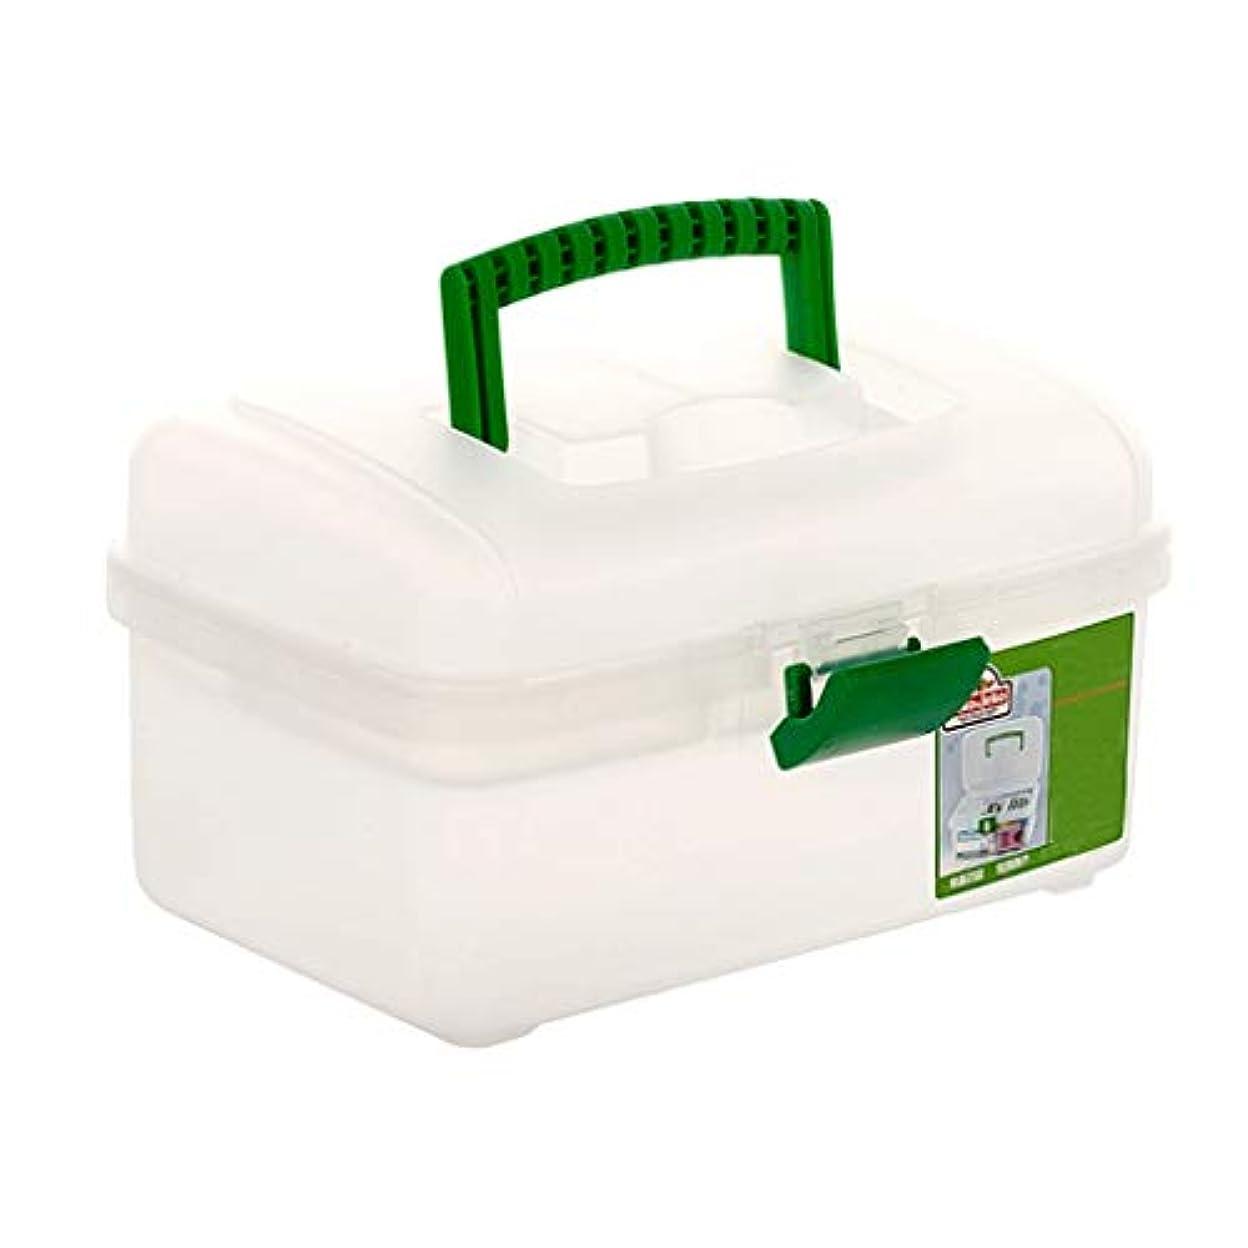 ナビゲーション経歴悲劇的なYQCS●LS 多層救急薬収納ボックス家庭用プラスチックこども用薬品ボックス医療用箱携帯用収納箱(色:透明)